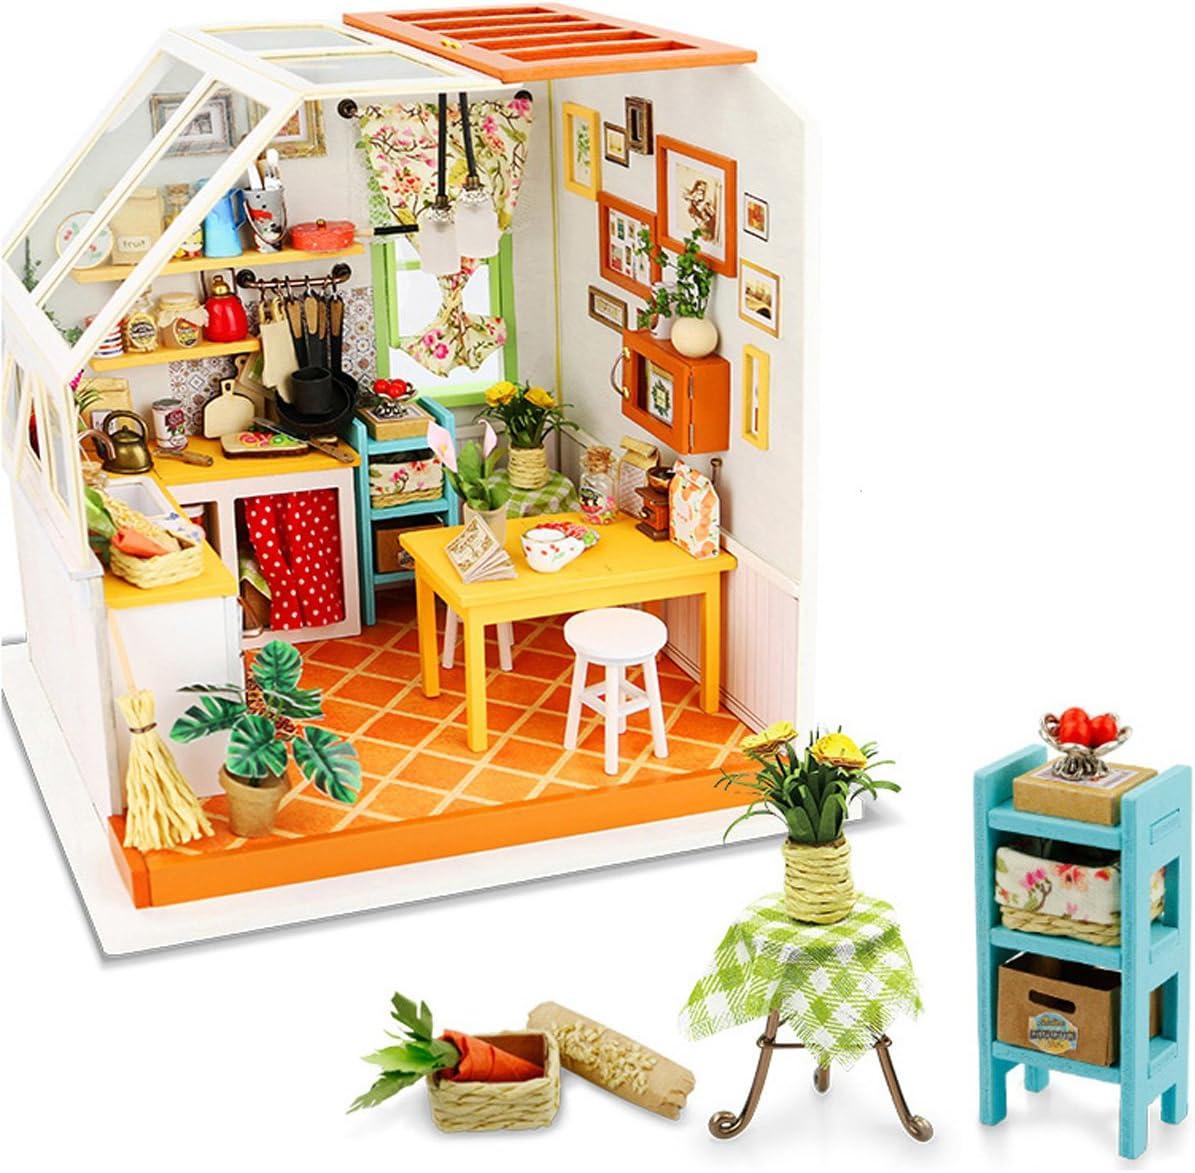 Muñecas en miniatura cocina conjunto de accesorios de cocina para hornear Rodillo Tazón Libro